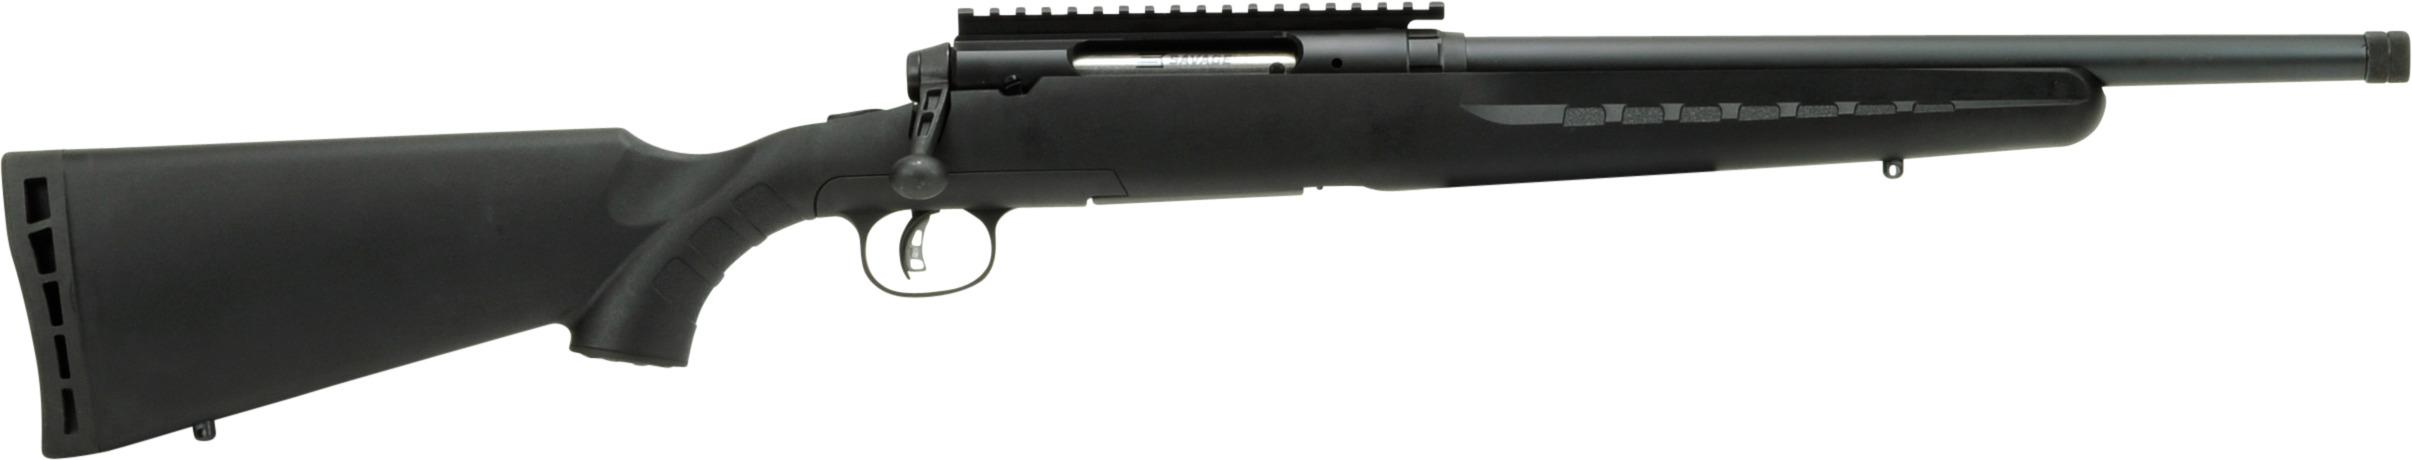 SAV AXIS II 300BLK 16.125